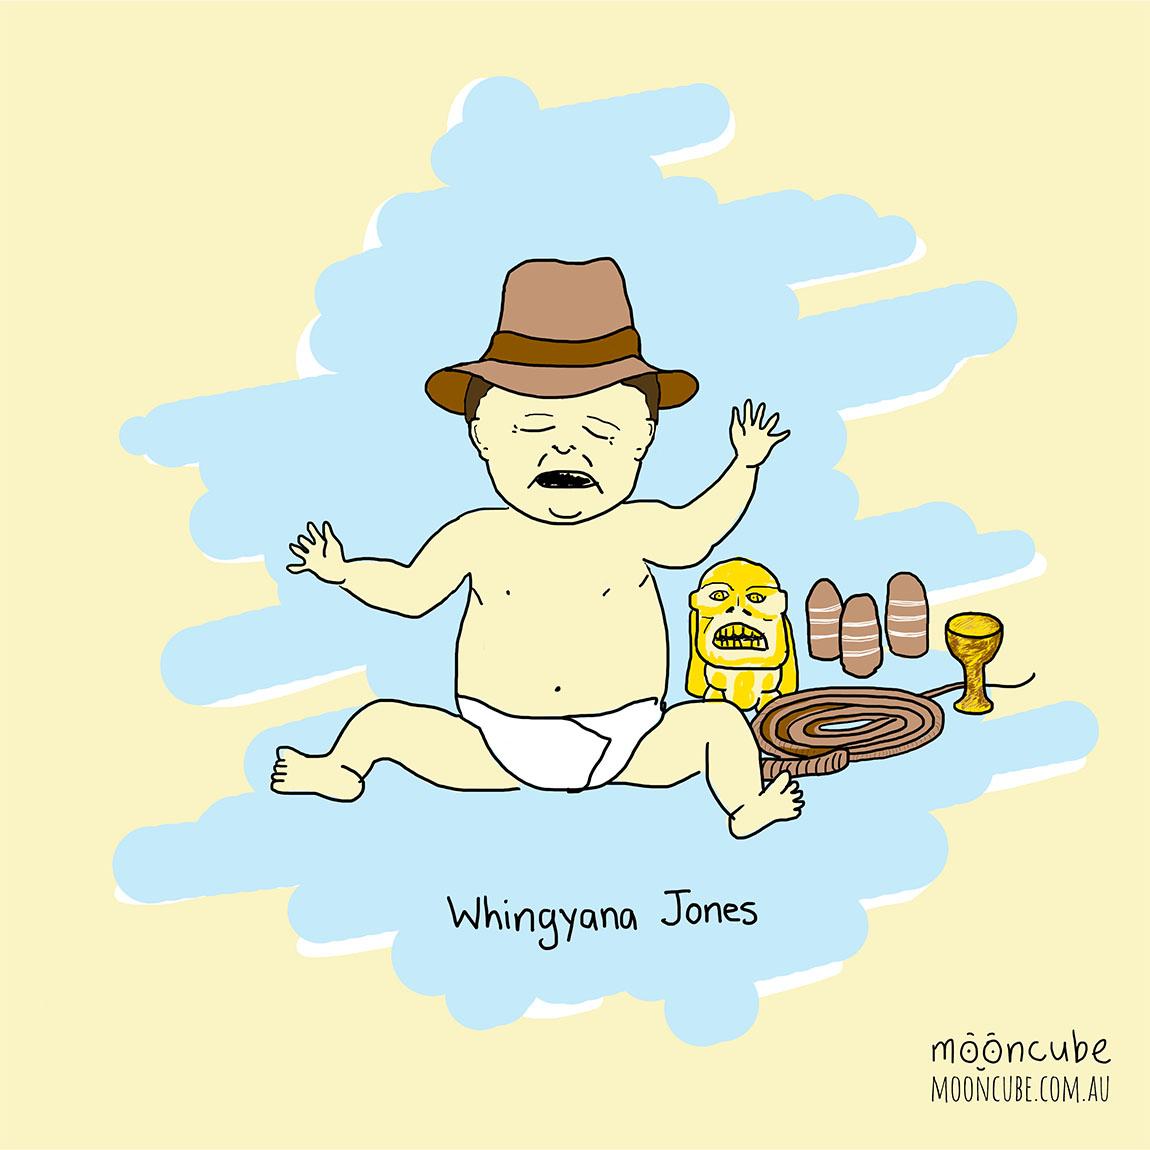 mooncube Artist, Cartoonist. Parenthood. Indiana Jones comic.